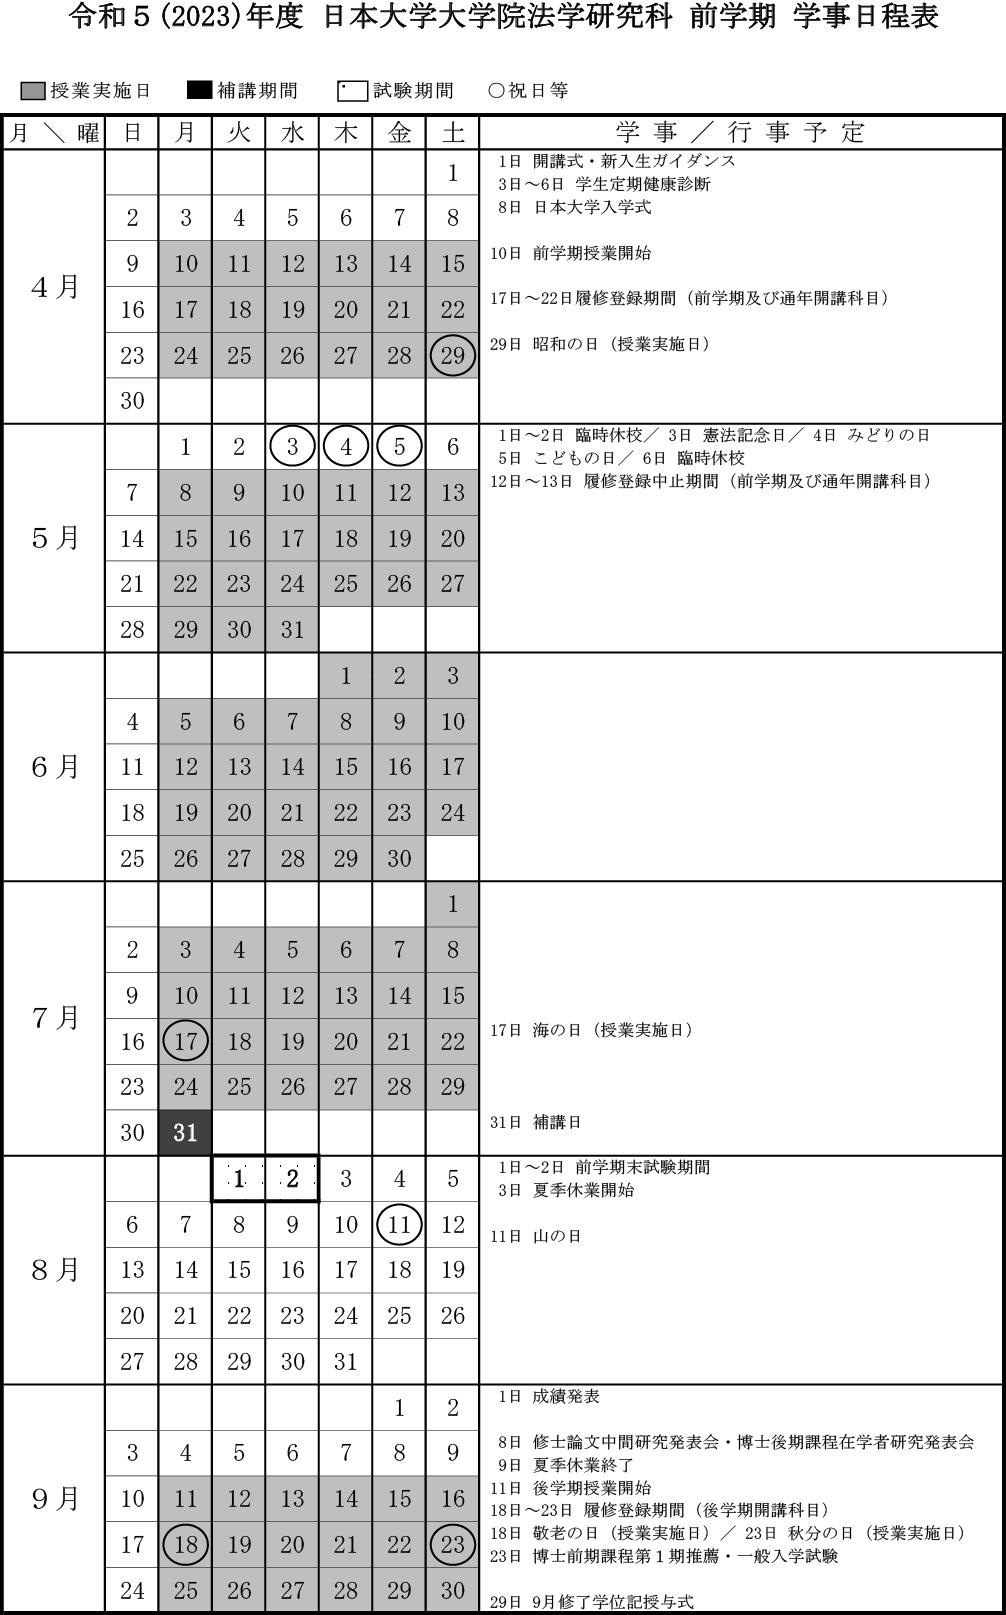 法学研究科|キャンパスカレンダー|学生生活|日本大学法学部